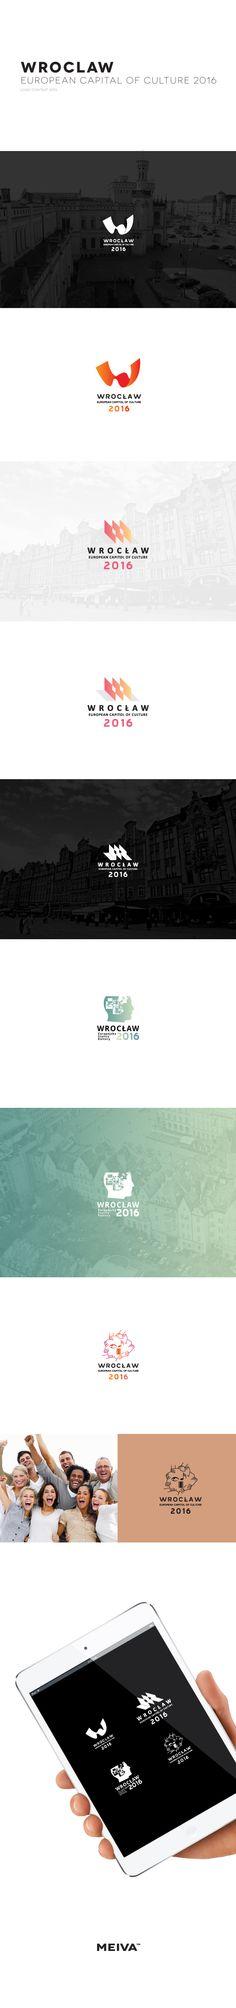 WROCLAW ESK Logo Contest Michał Jakóbczyk / Meiva™ by Michał Jakóbczyk #wroclove #branding